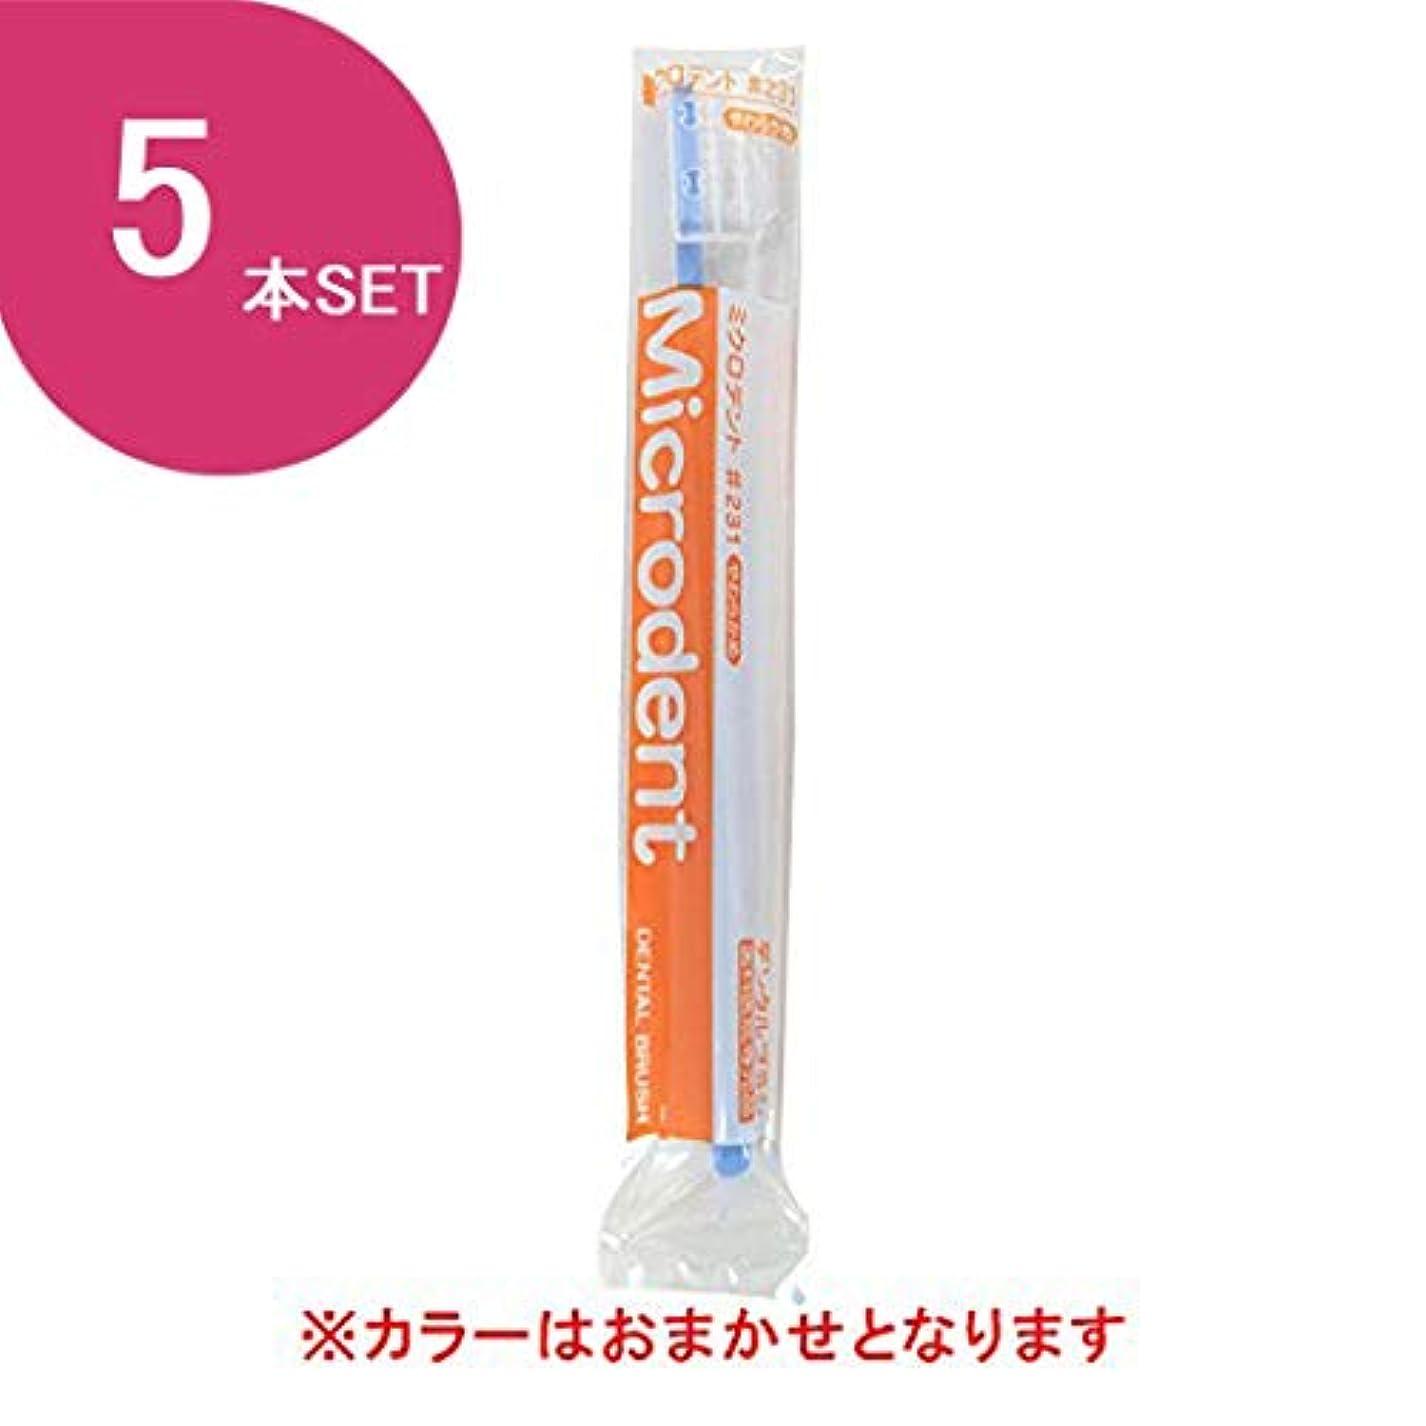 白水貿易 ミクロデント(Microdent) 5本 (#231)